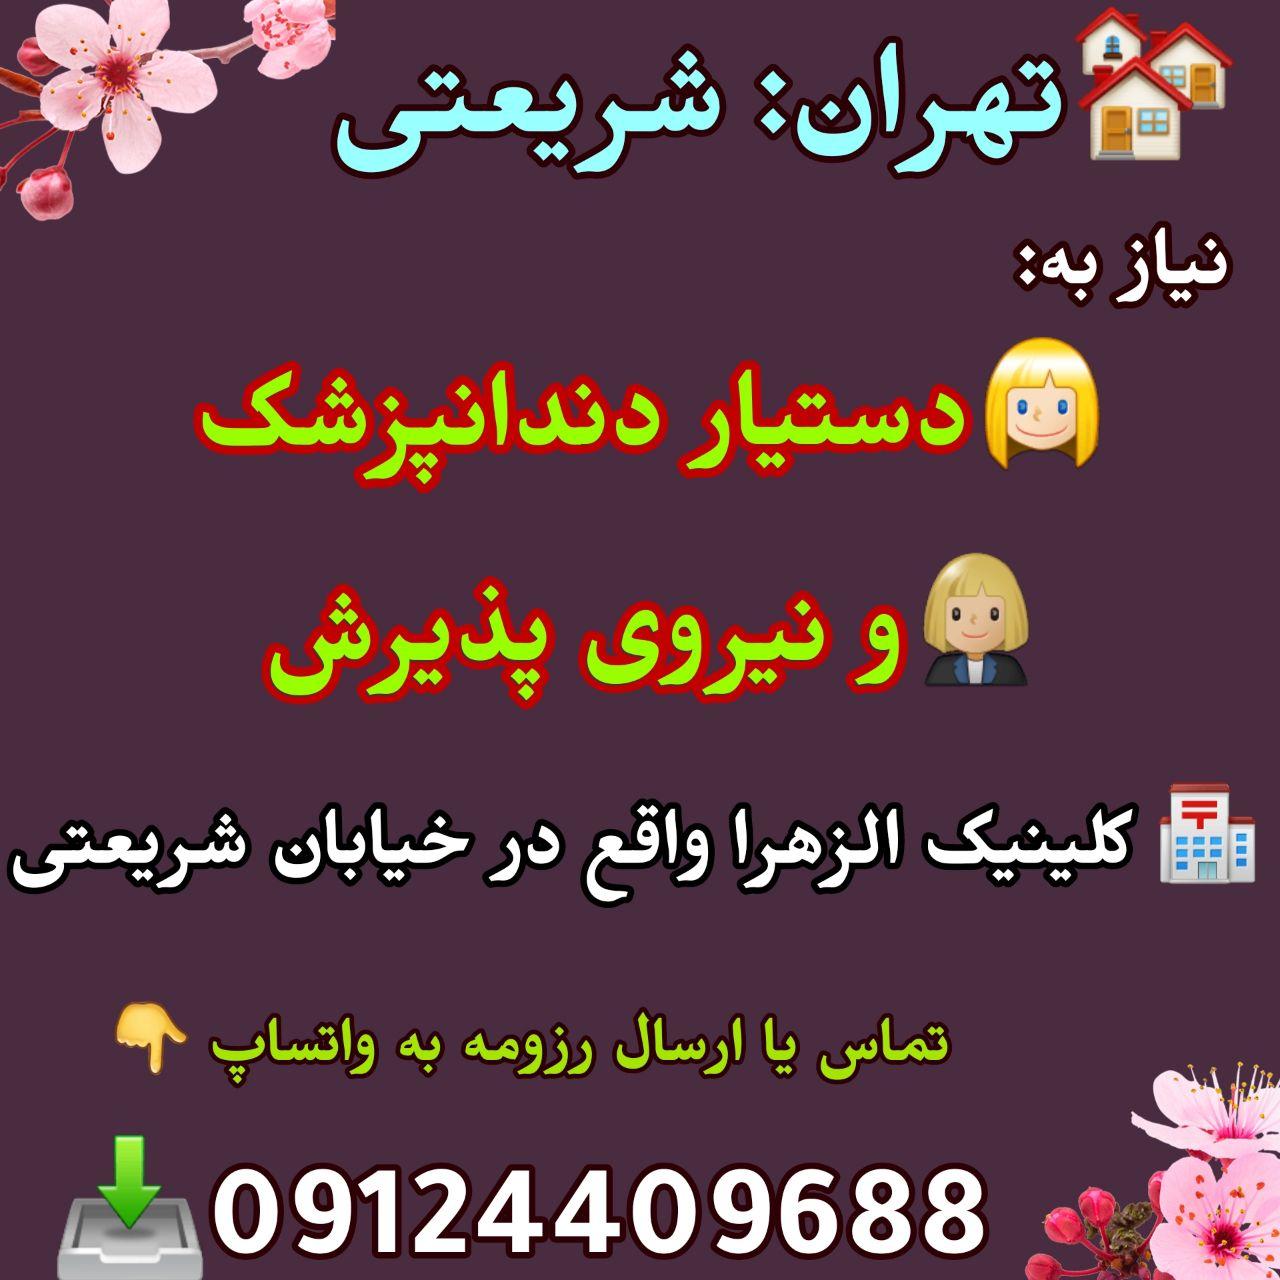 تهران: شریعتی